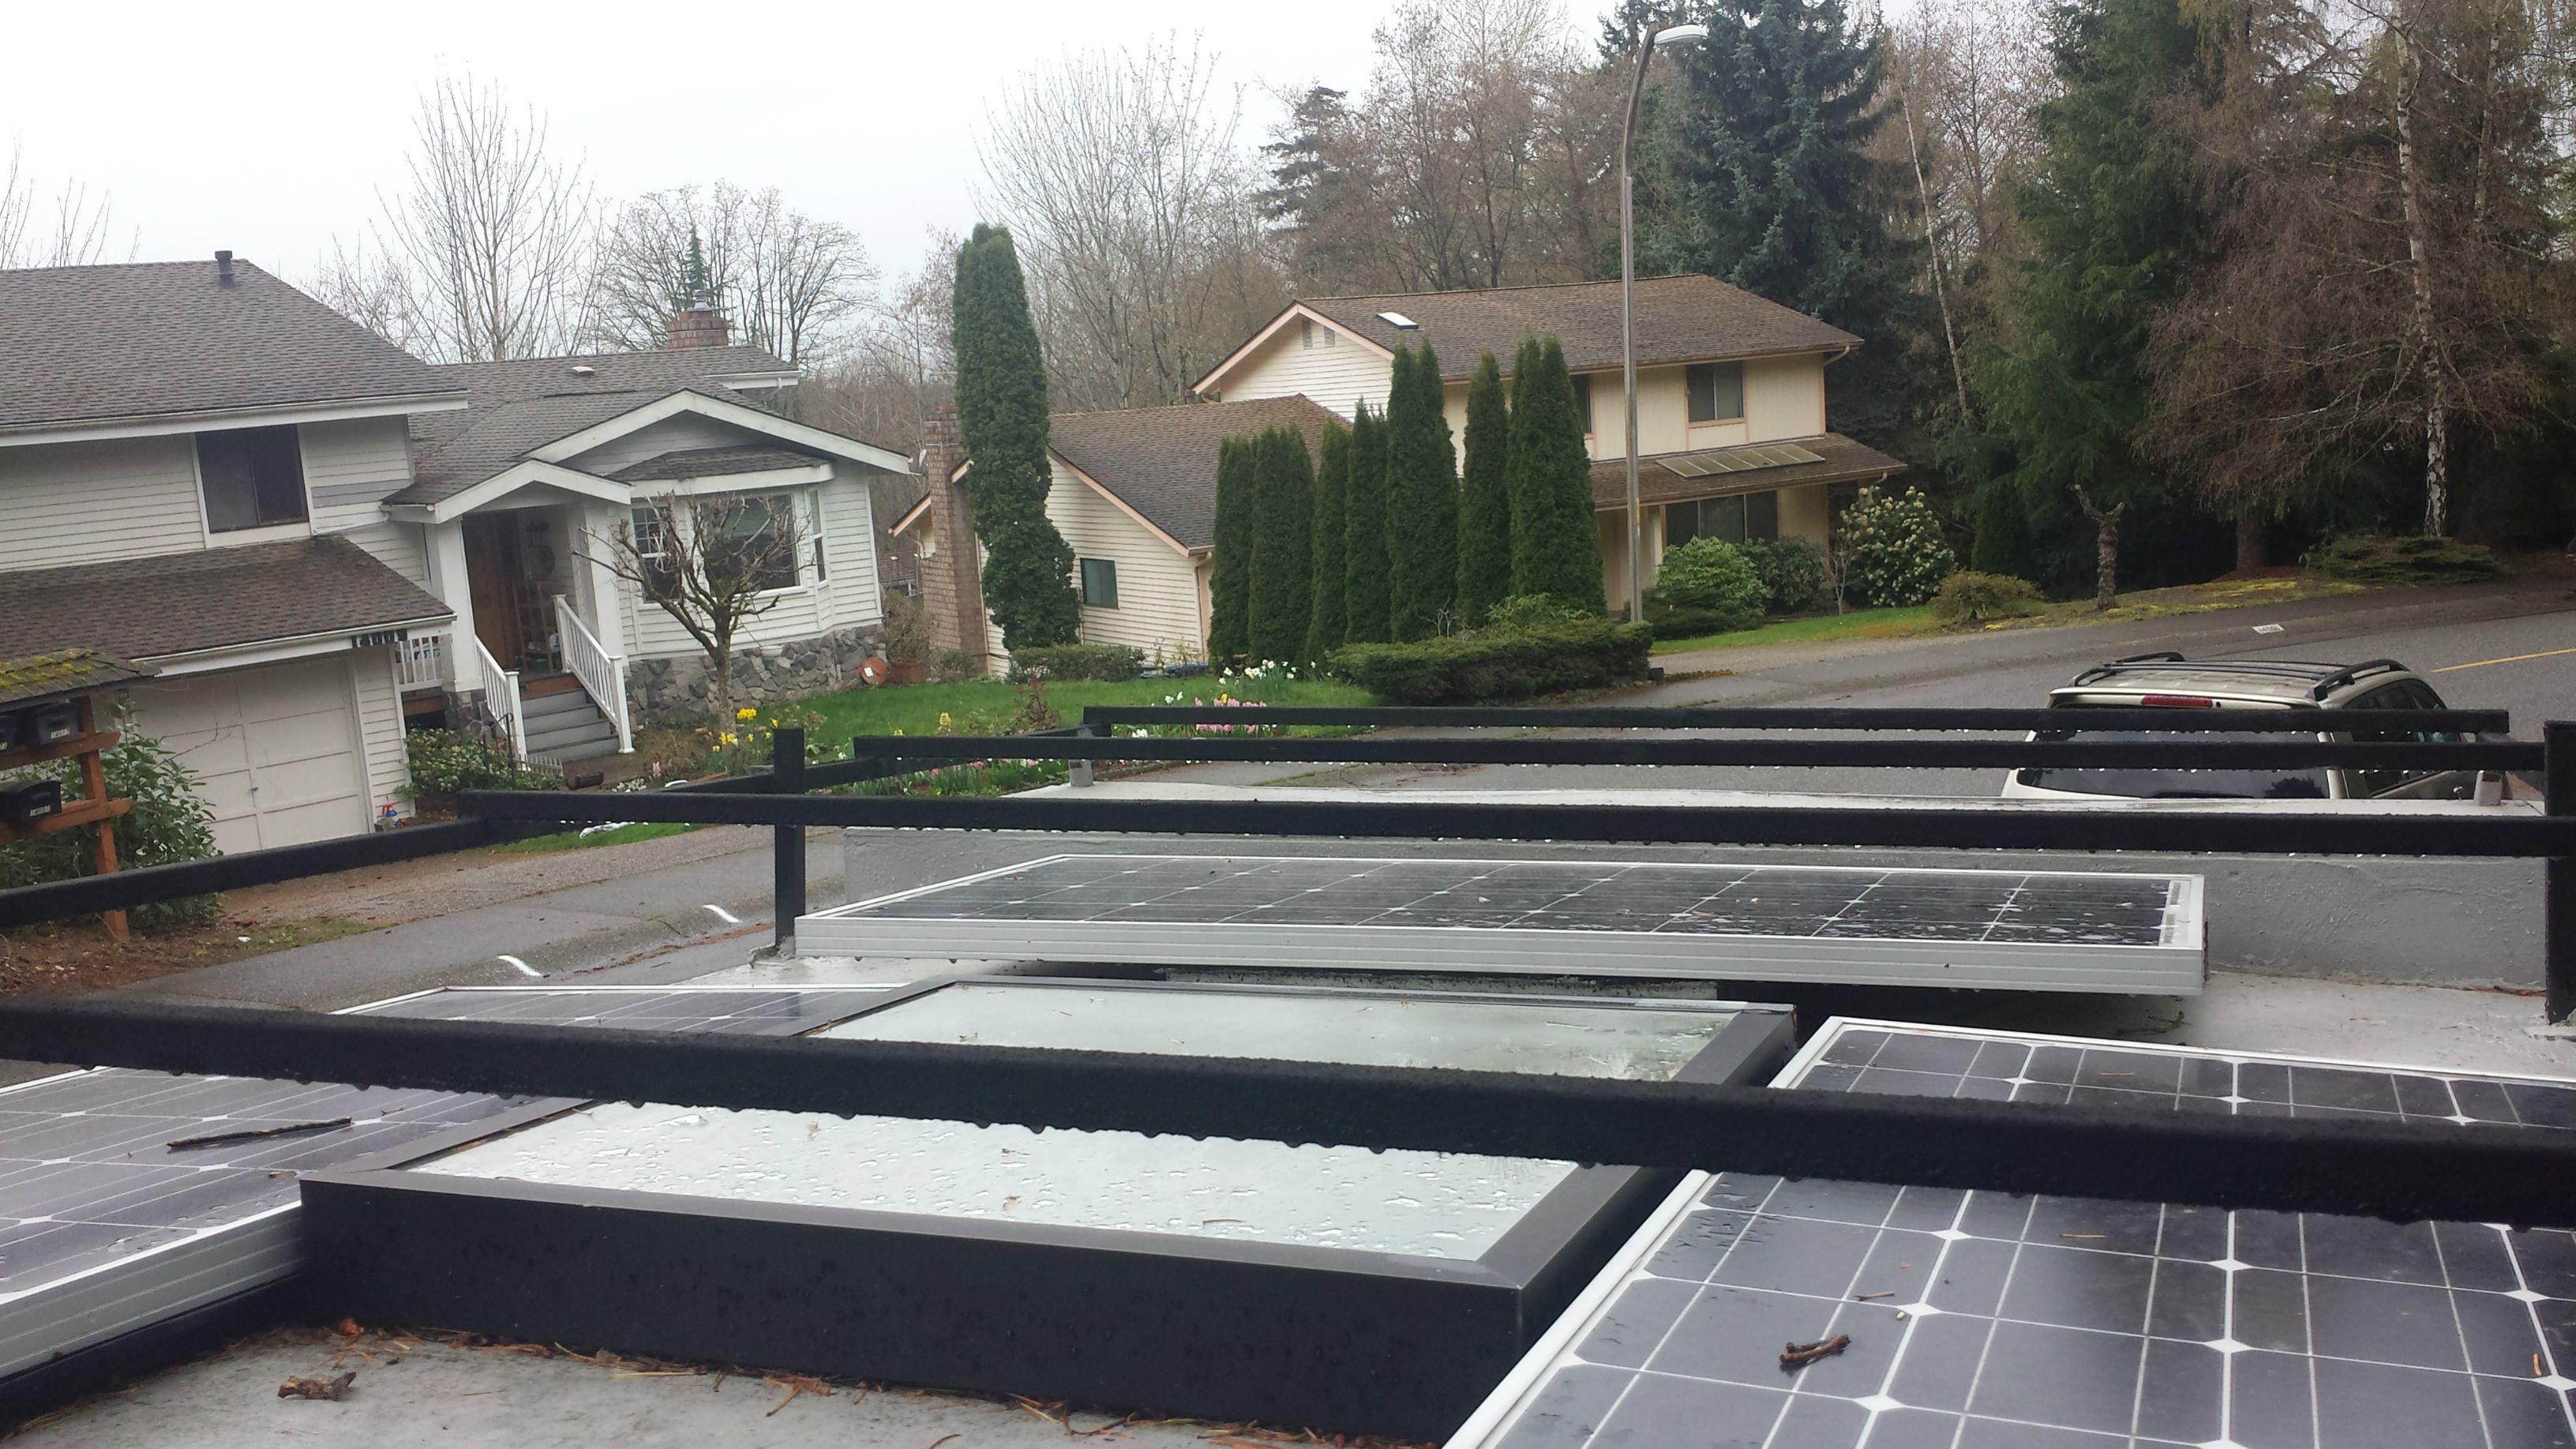 camioneta-camper-paneles-solares